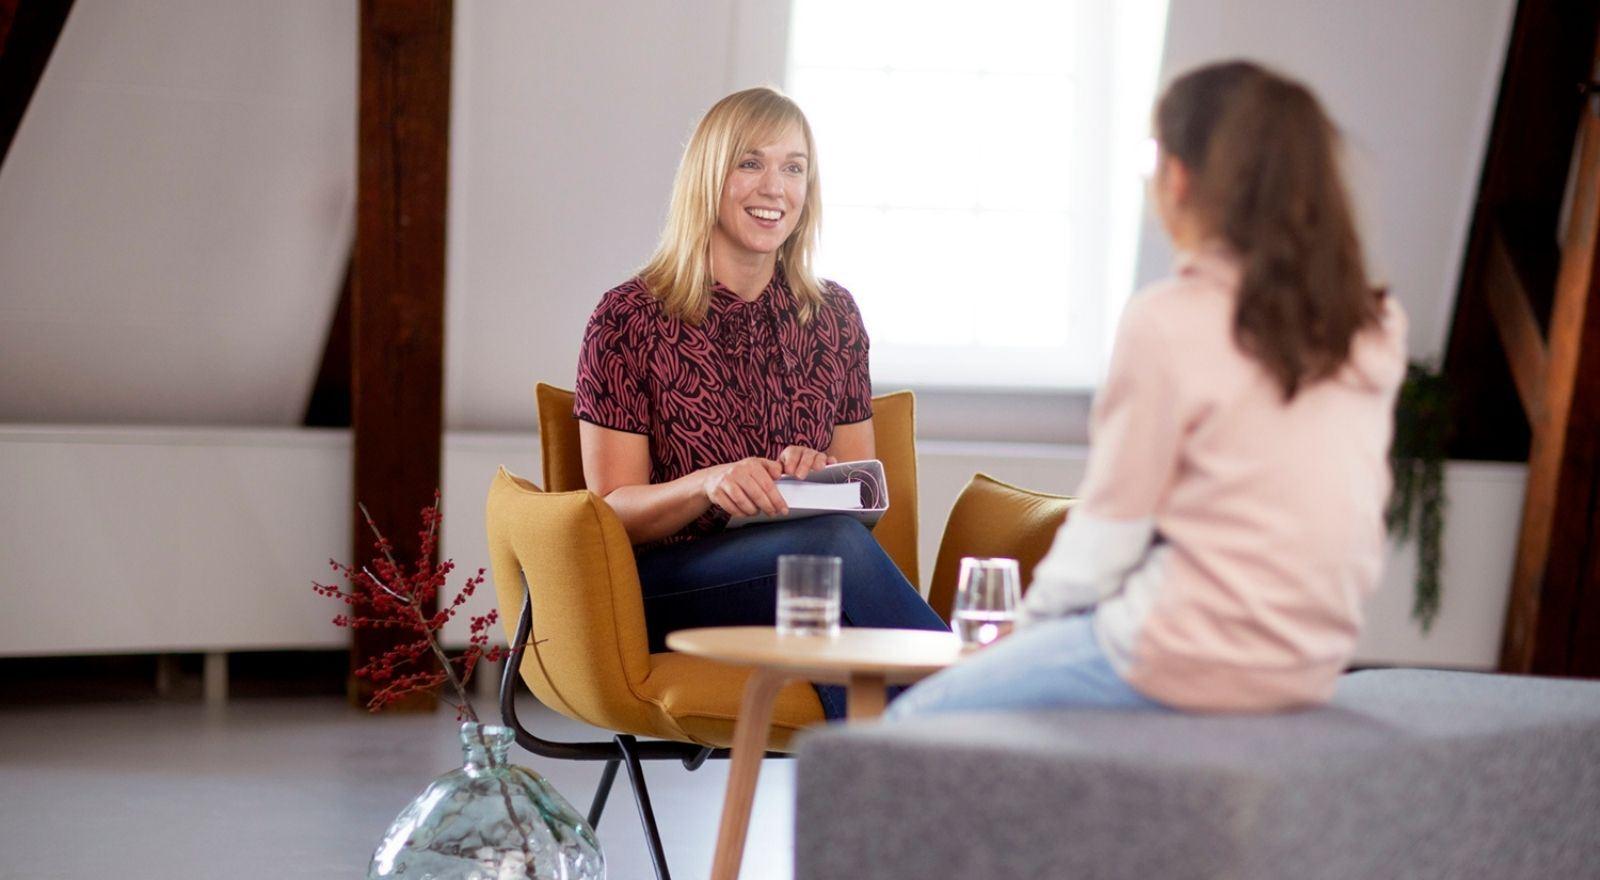 Ontwikkelingsfasen van een kind worden bestudeerd in de opleiding Ontwikkelingspsychologie